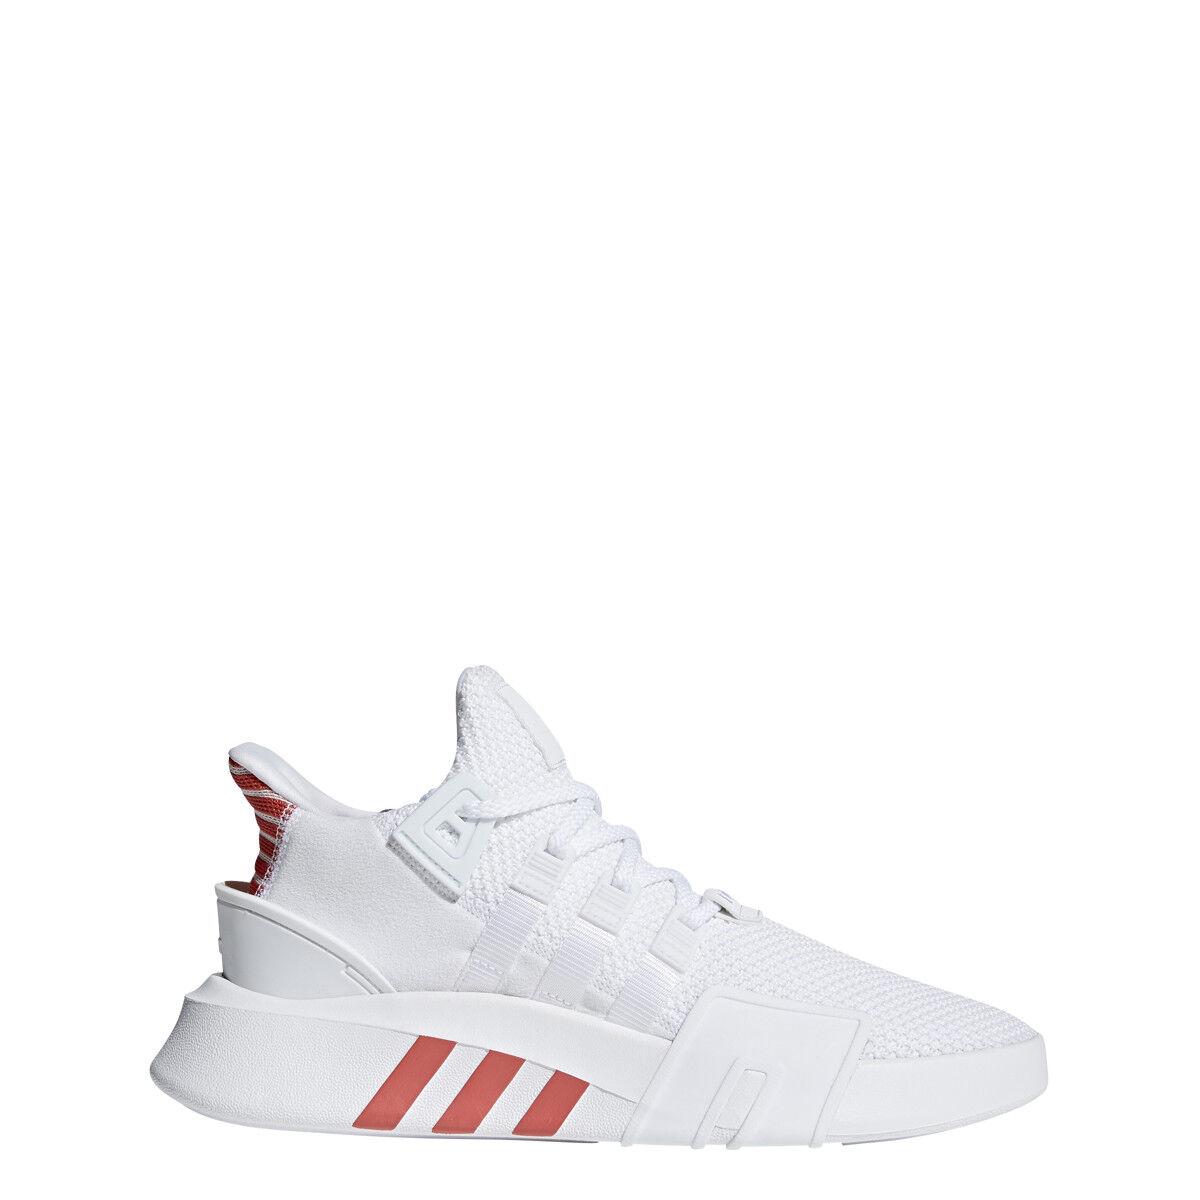 adidas MENS EQT BASK ADV CREAM WHITE/WHITE/ORANGE - CQ2992